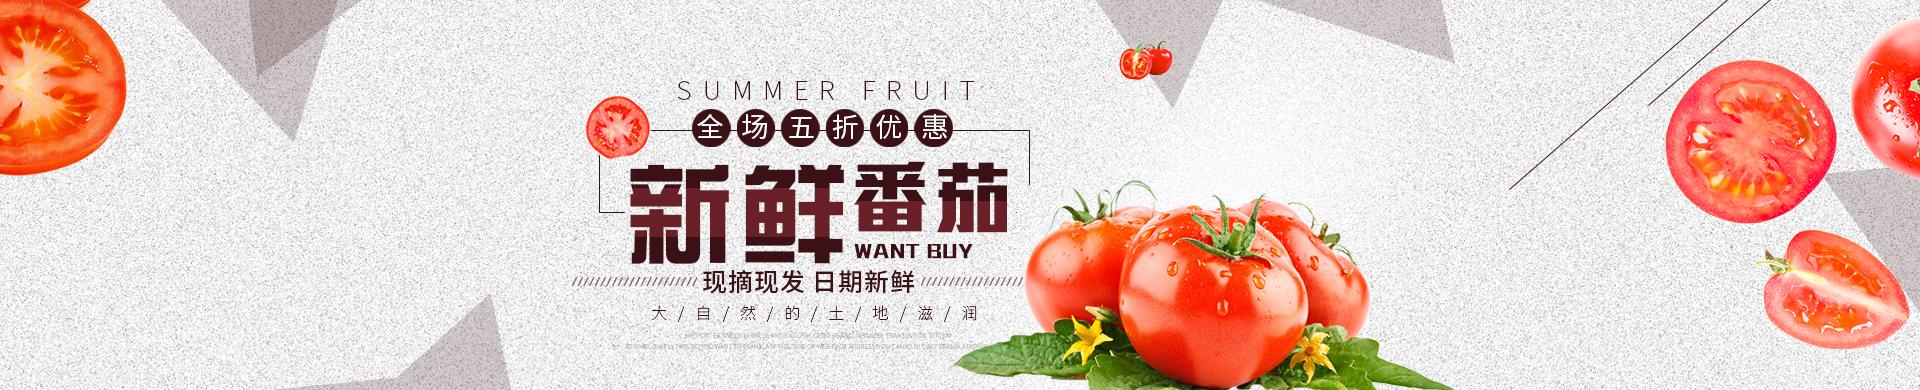 新鲜番茄求购